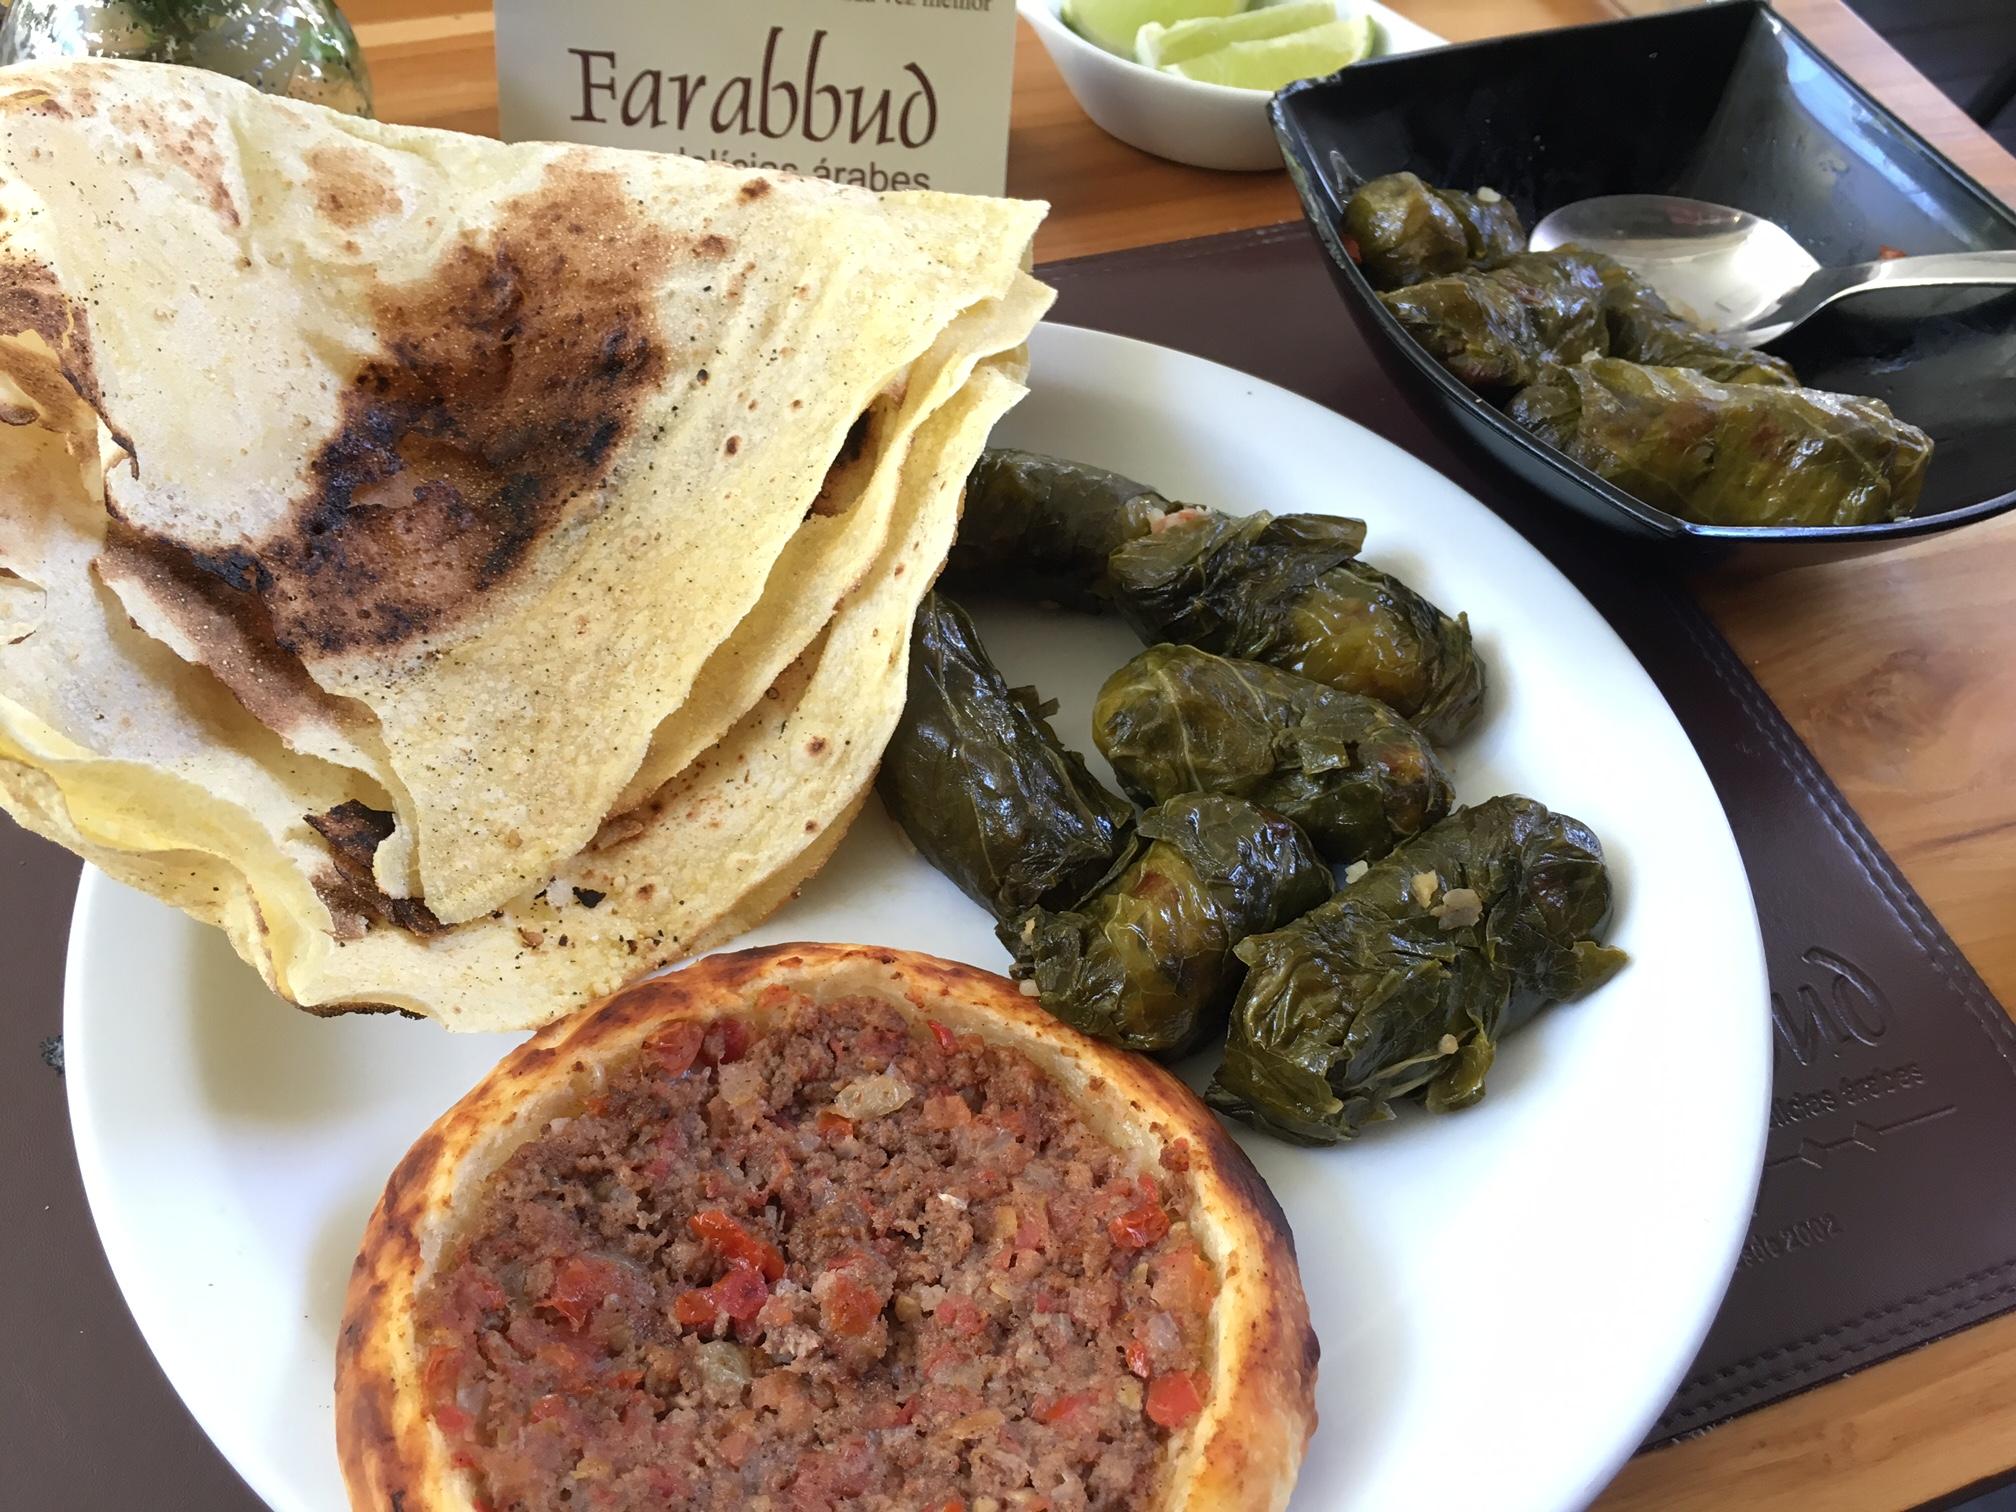 Desde 2002, Farabbud conquista com alma sírio-libanesa